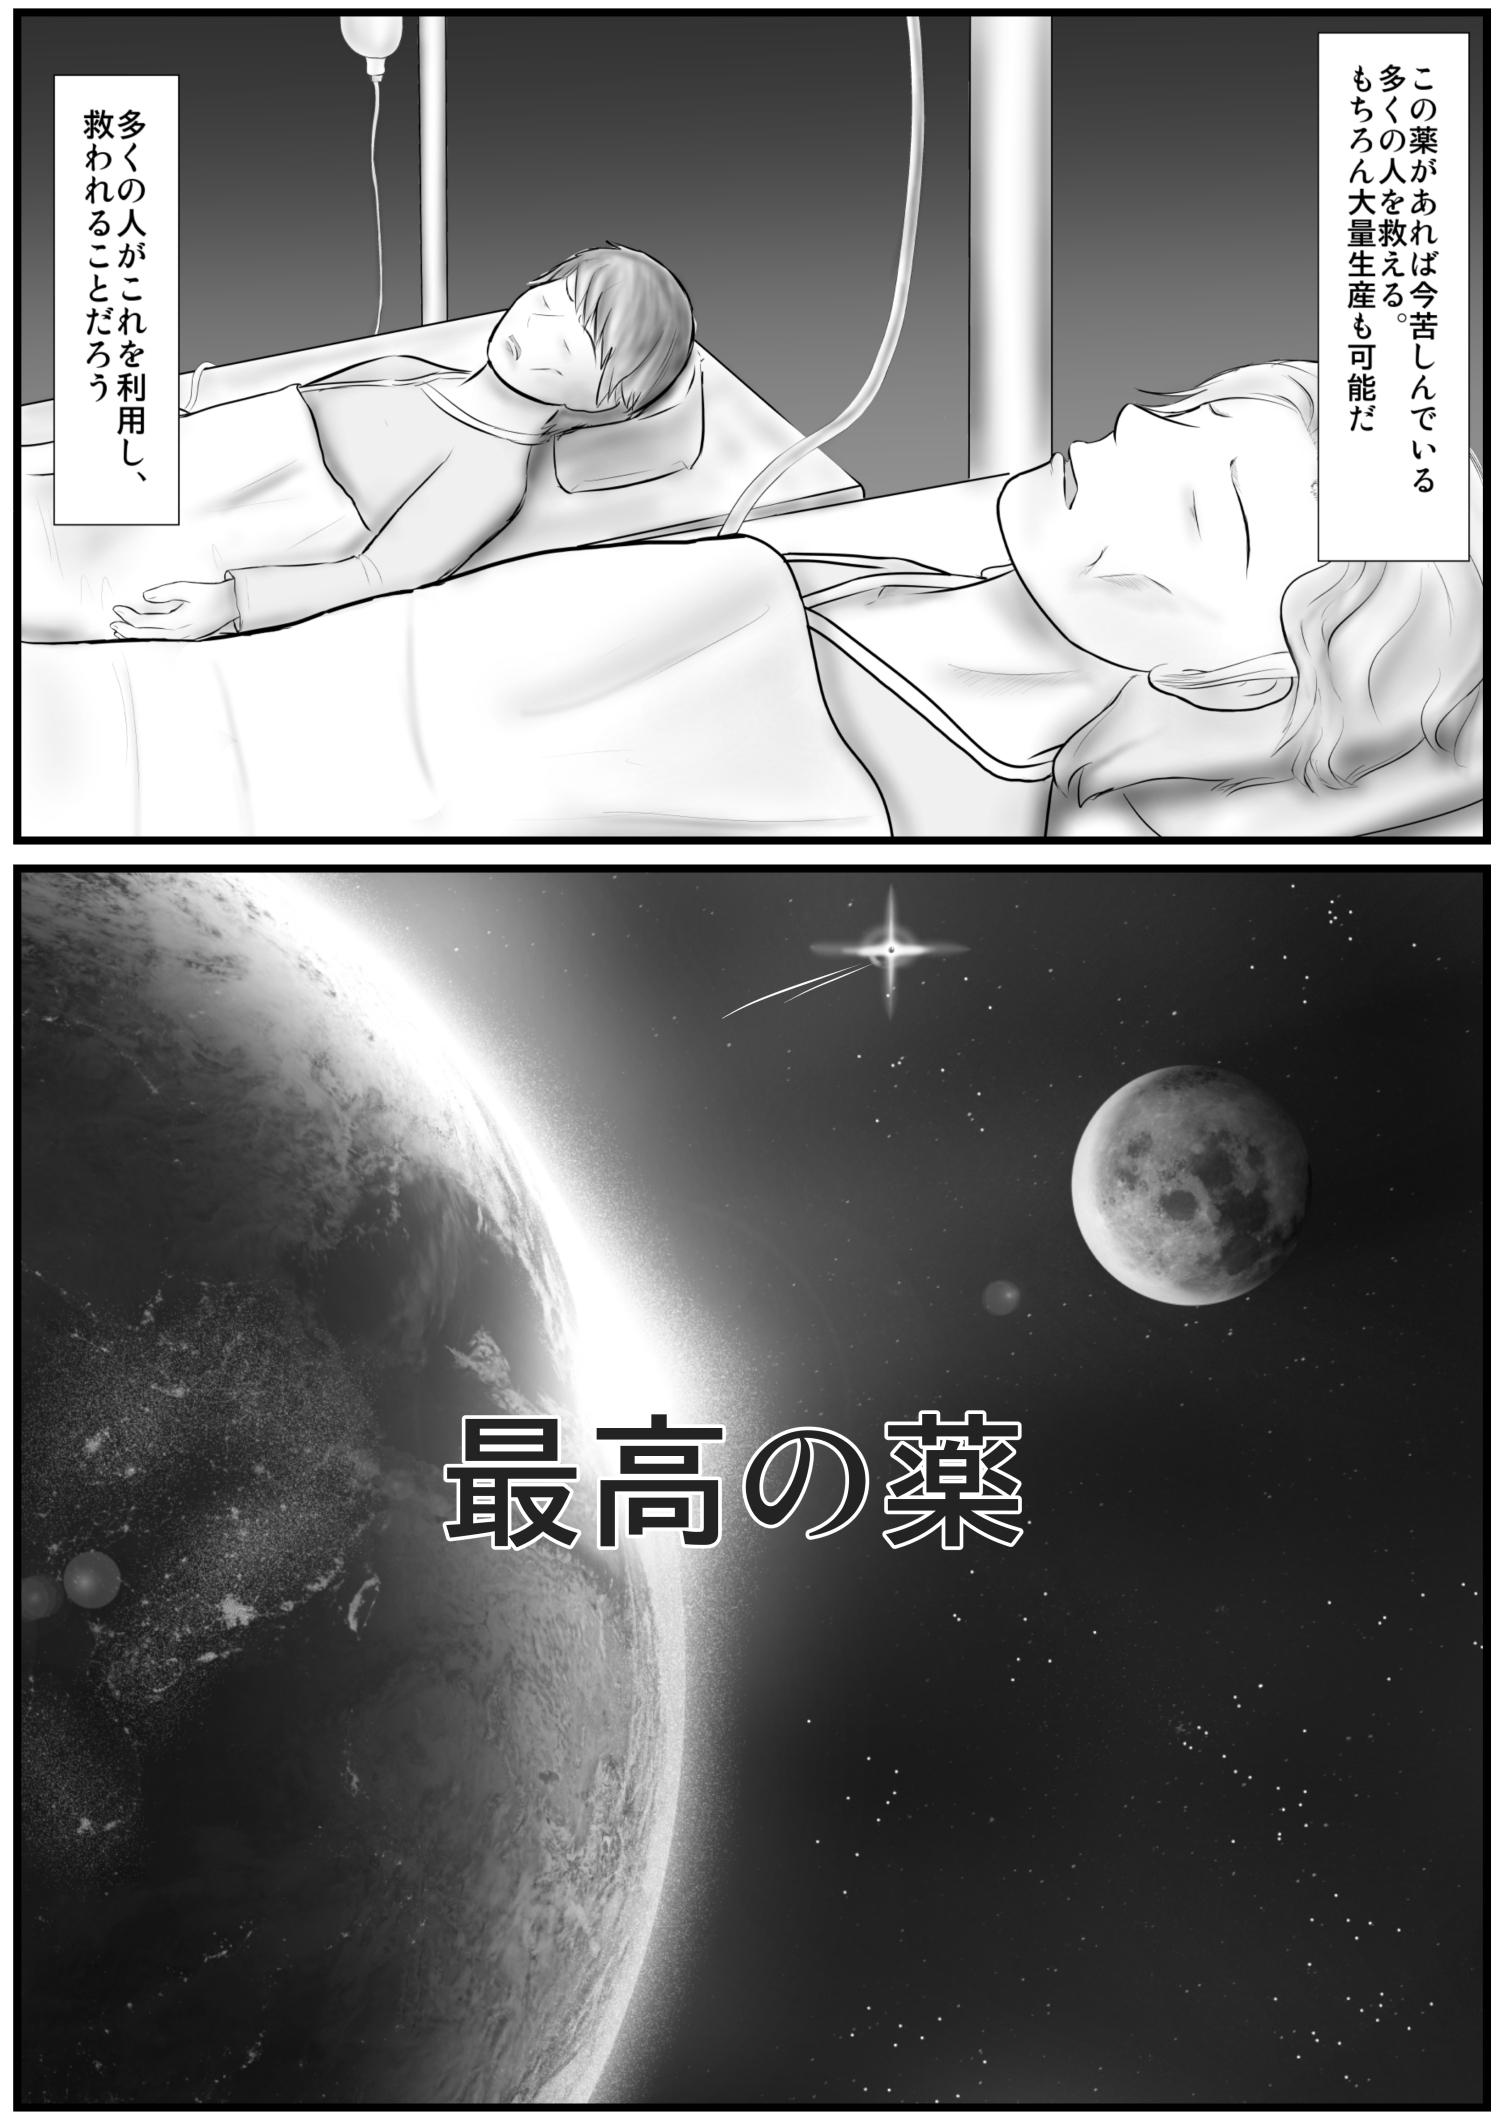 2019-4-13 最高の薬_002